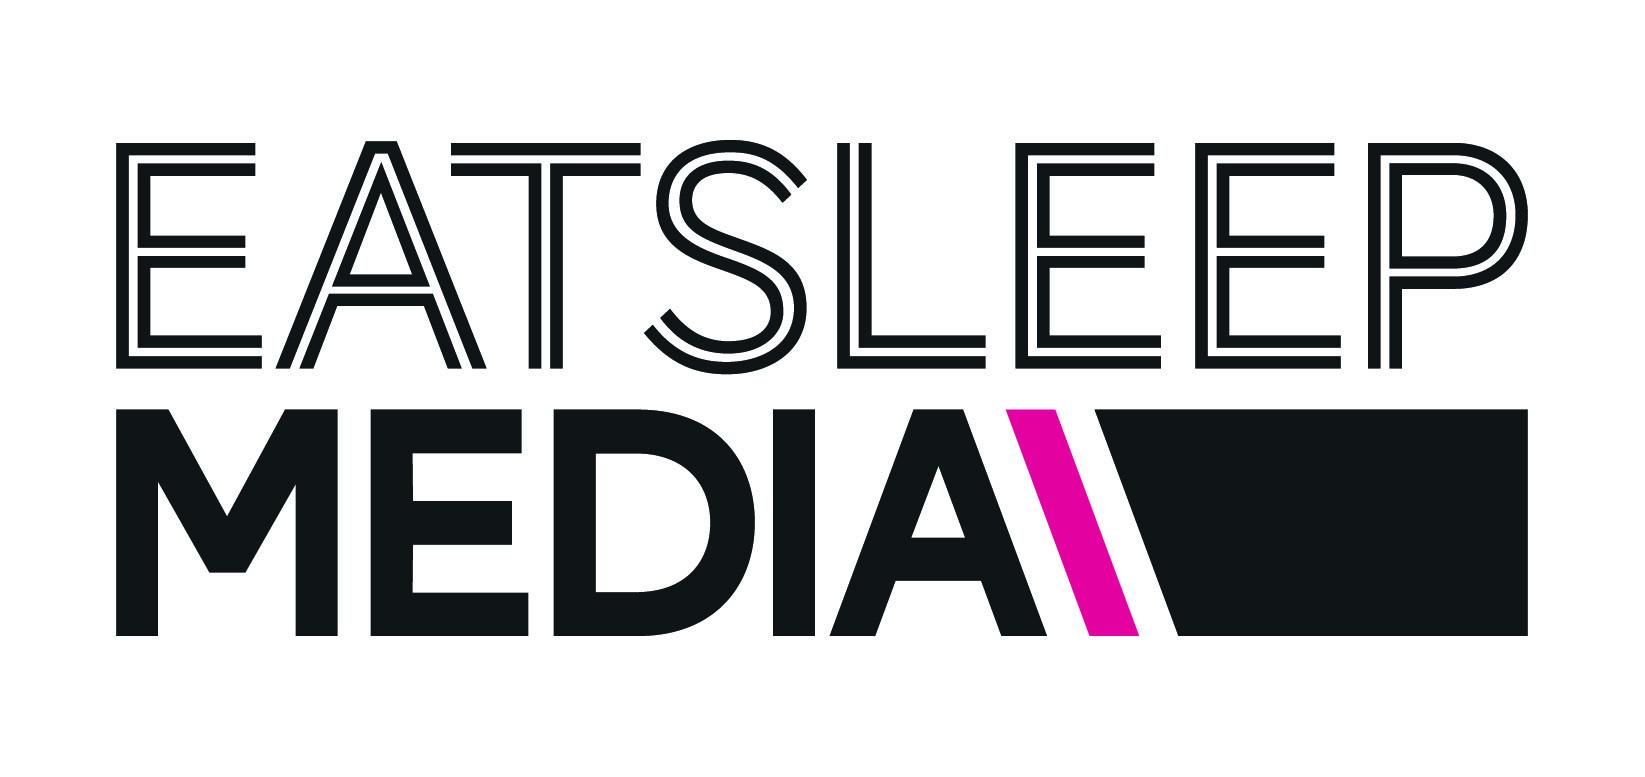 Eat Sleep Media